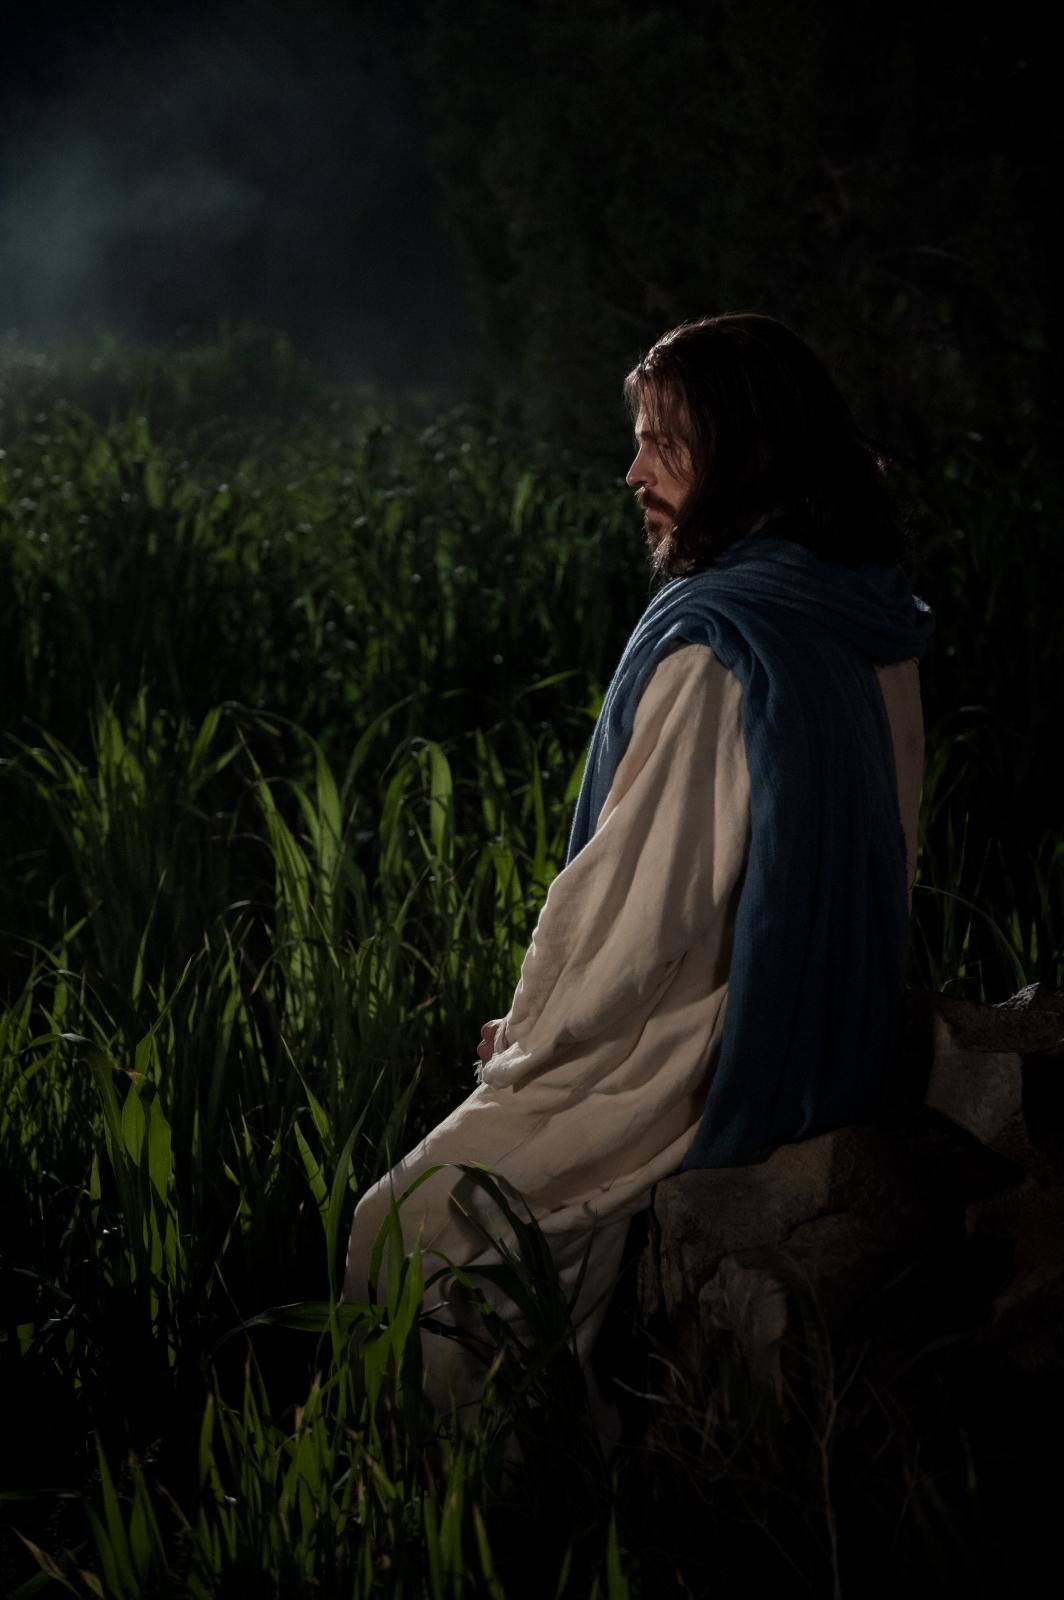 Cristo ora en Getsemaní